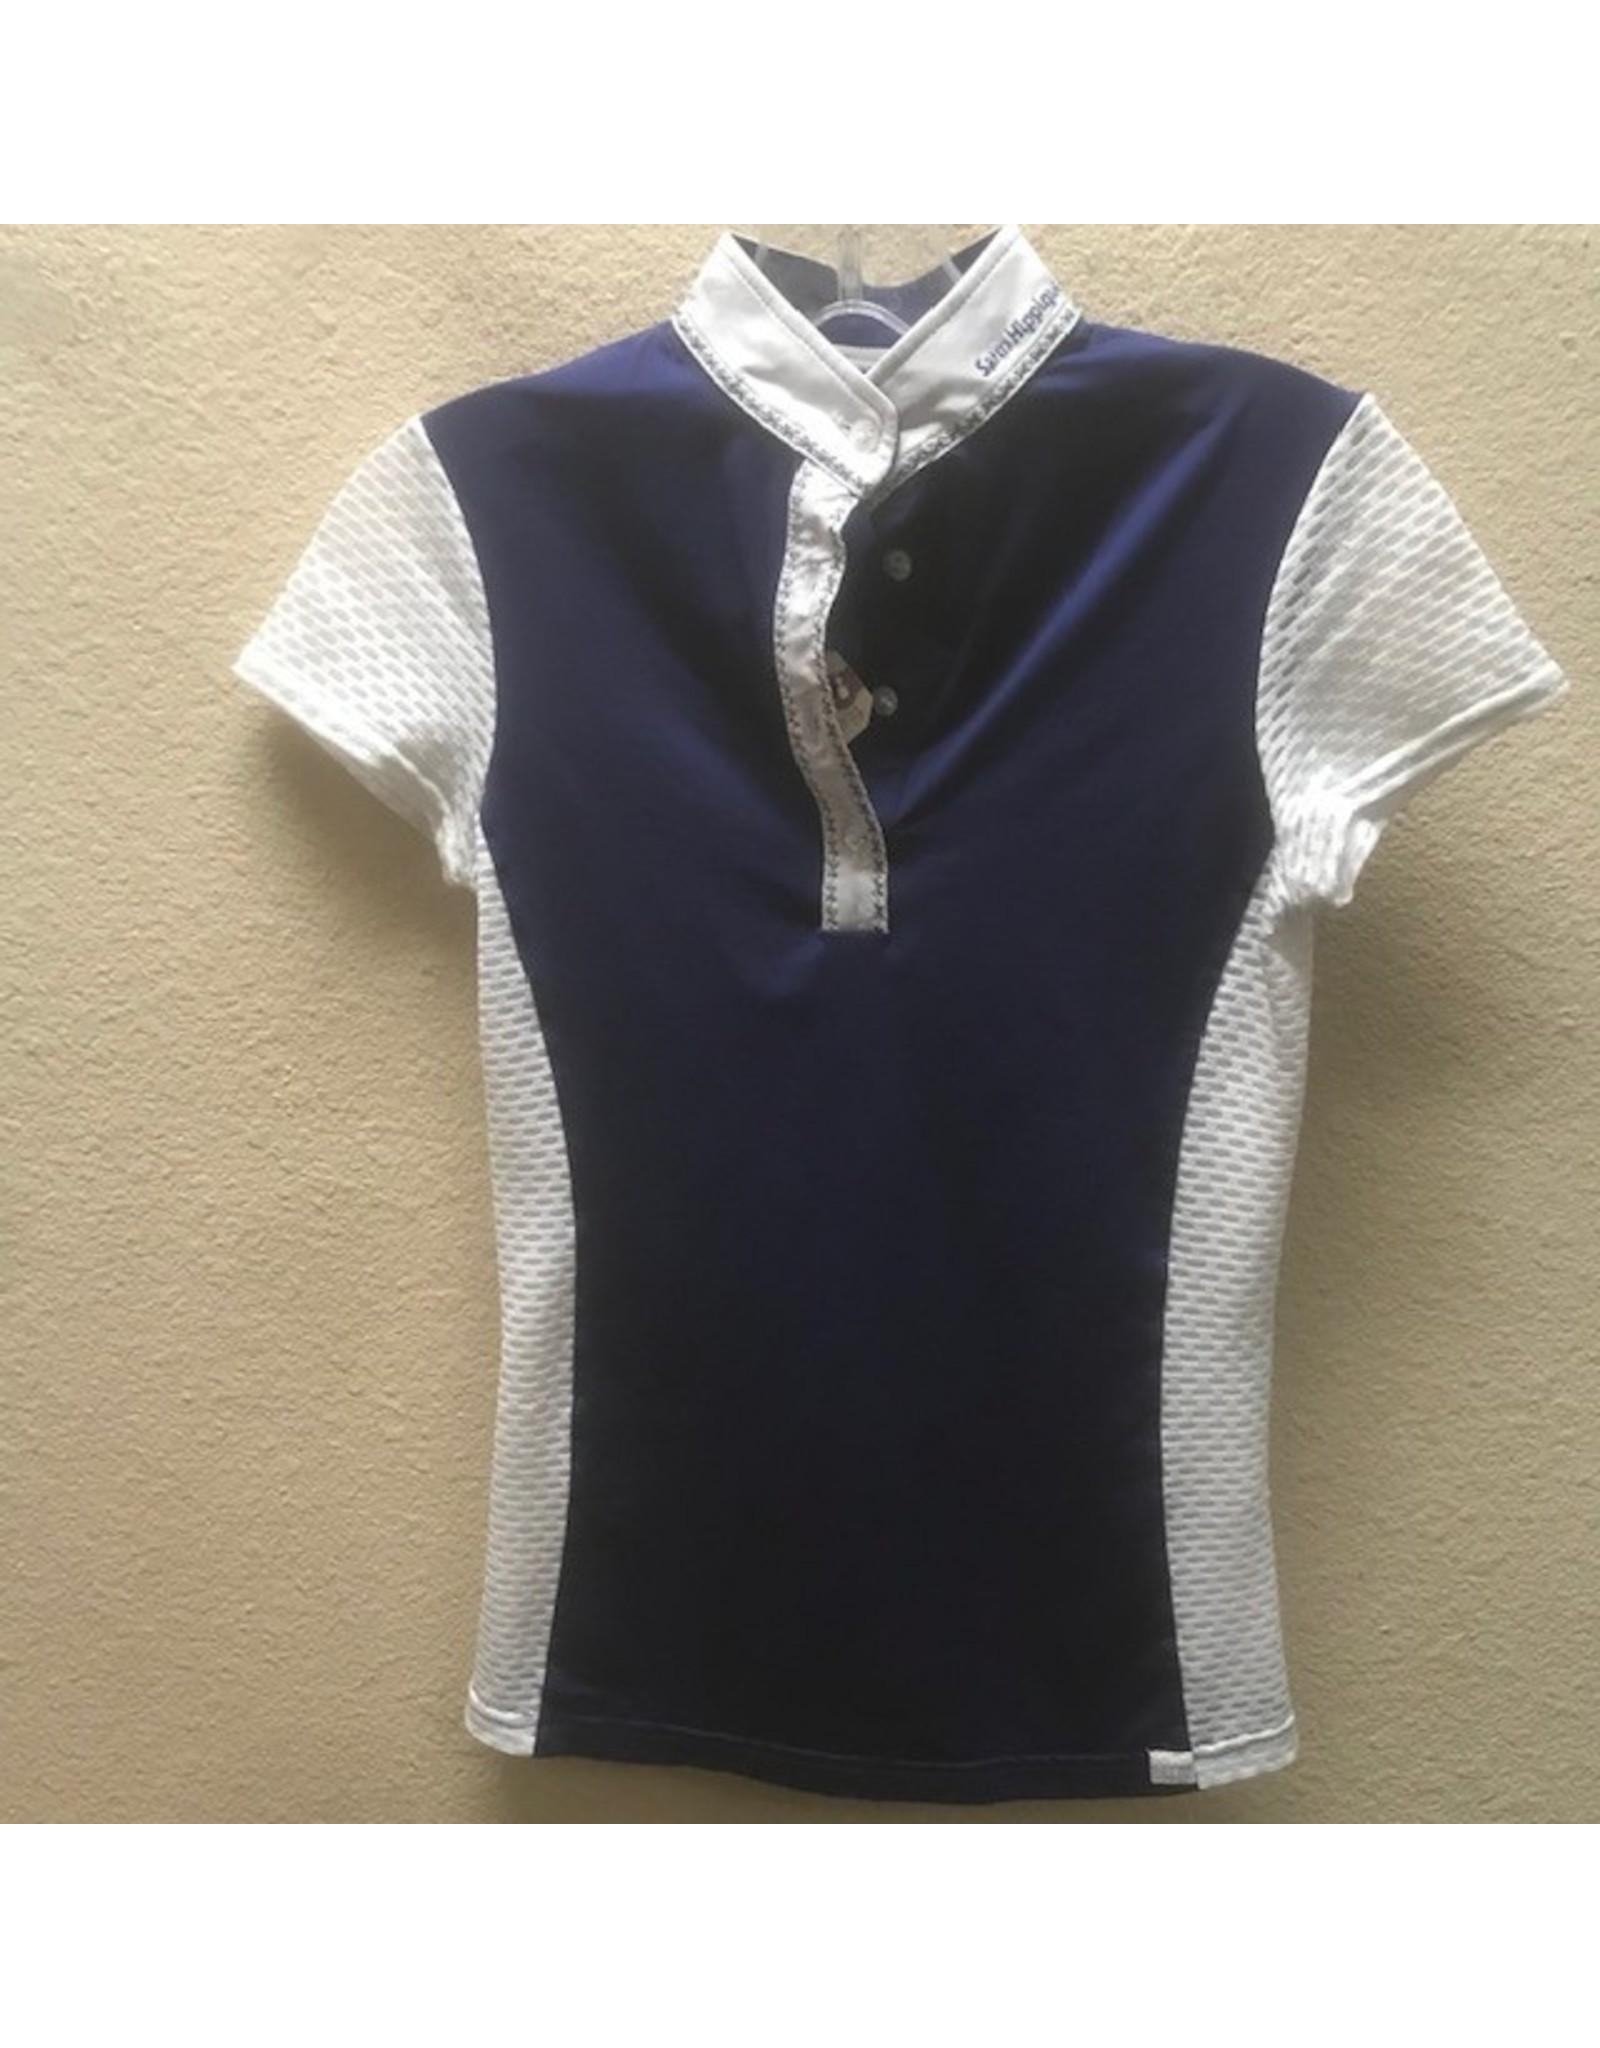 Sam Hippique Shirt xs